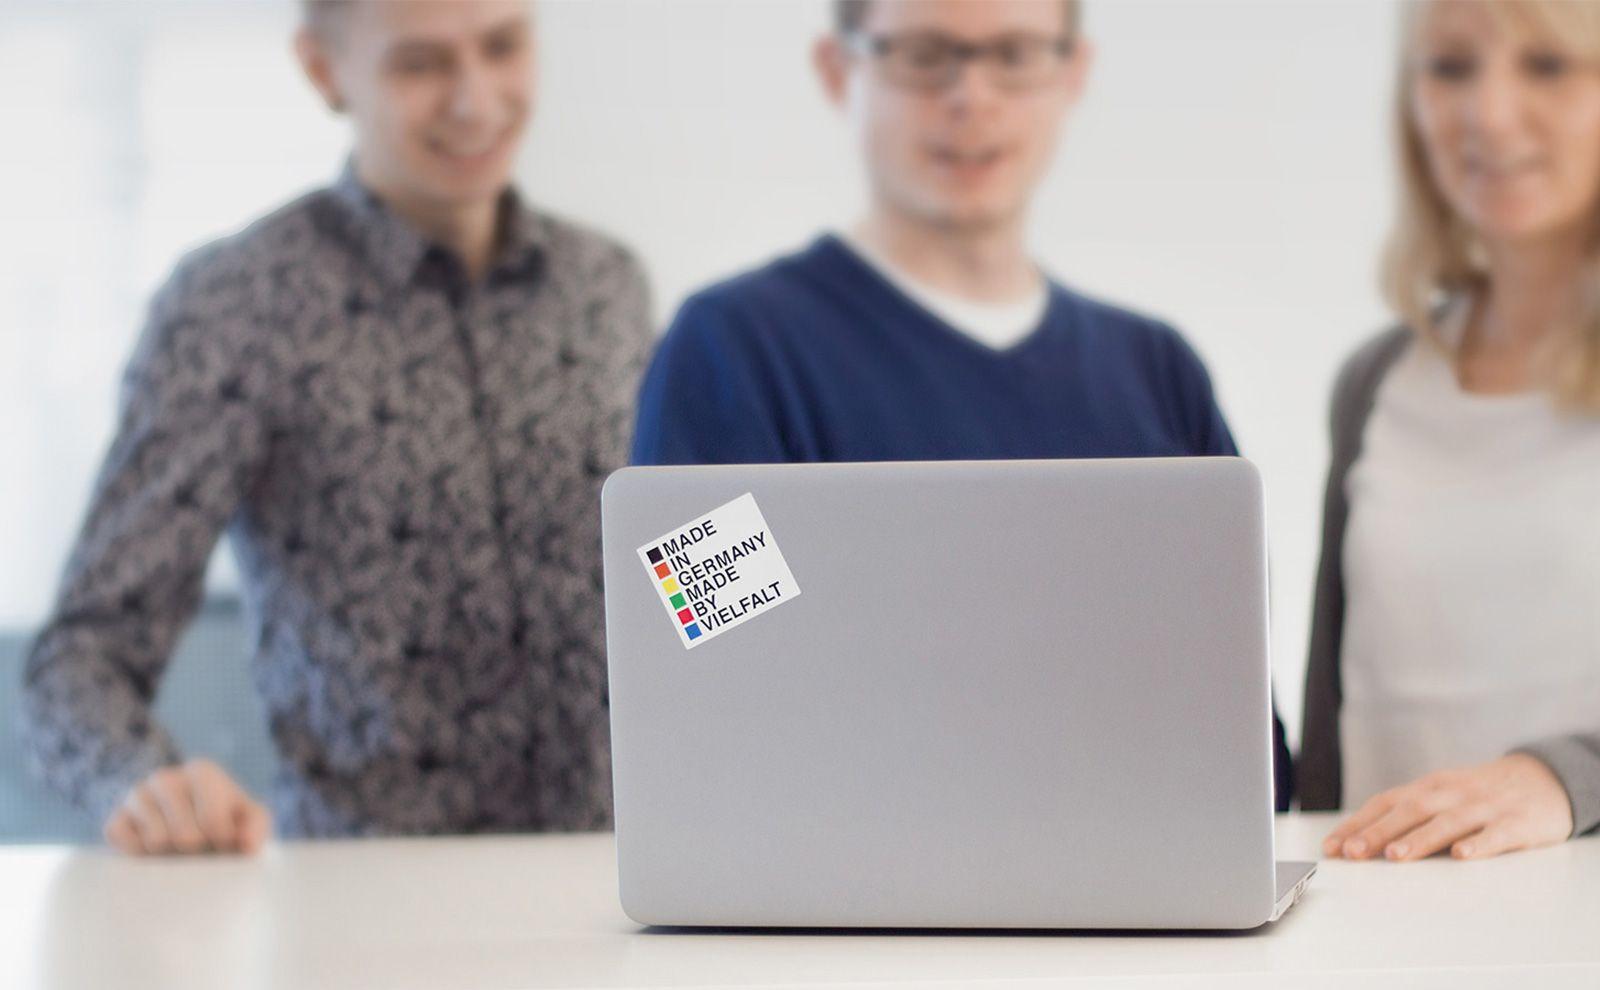 Gira Mitarbeiter am Laptop, ohne HP Logo